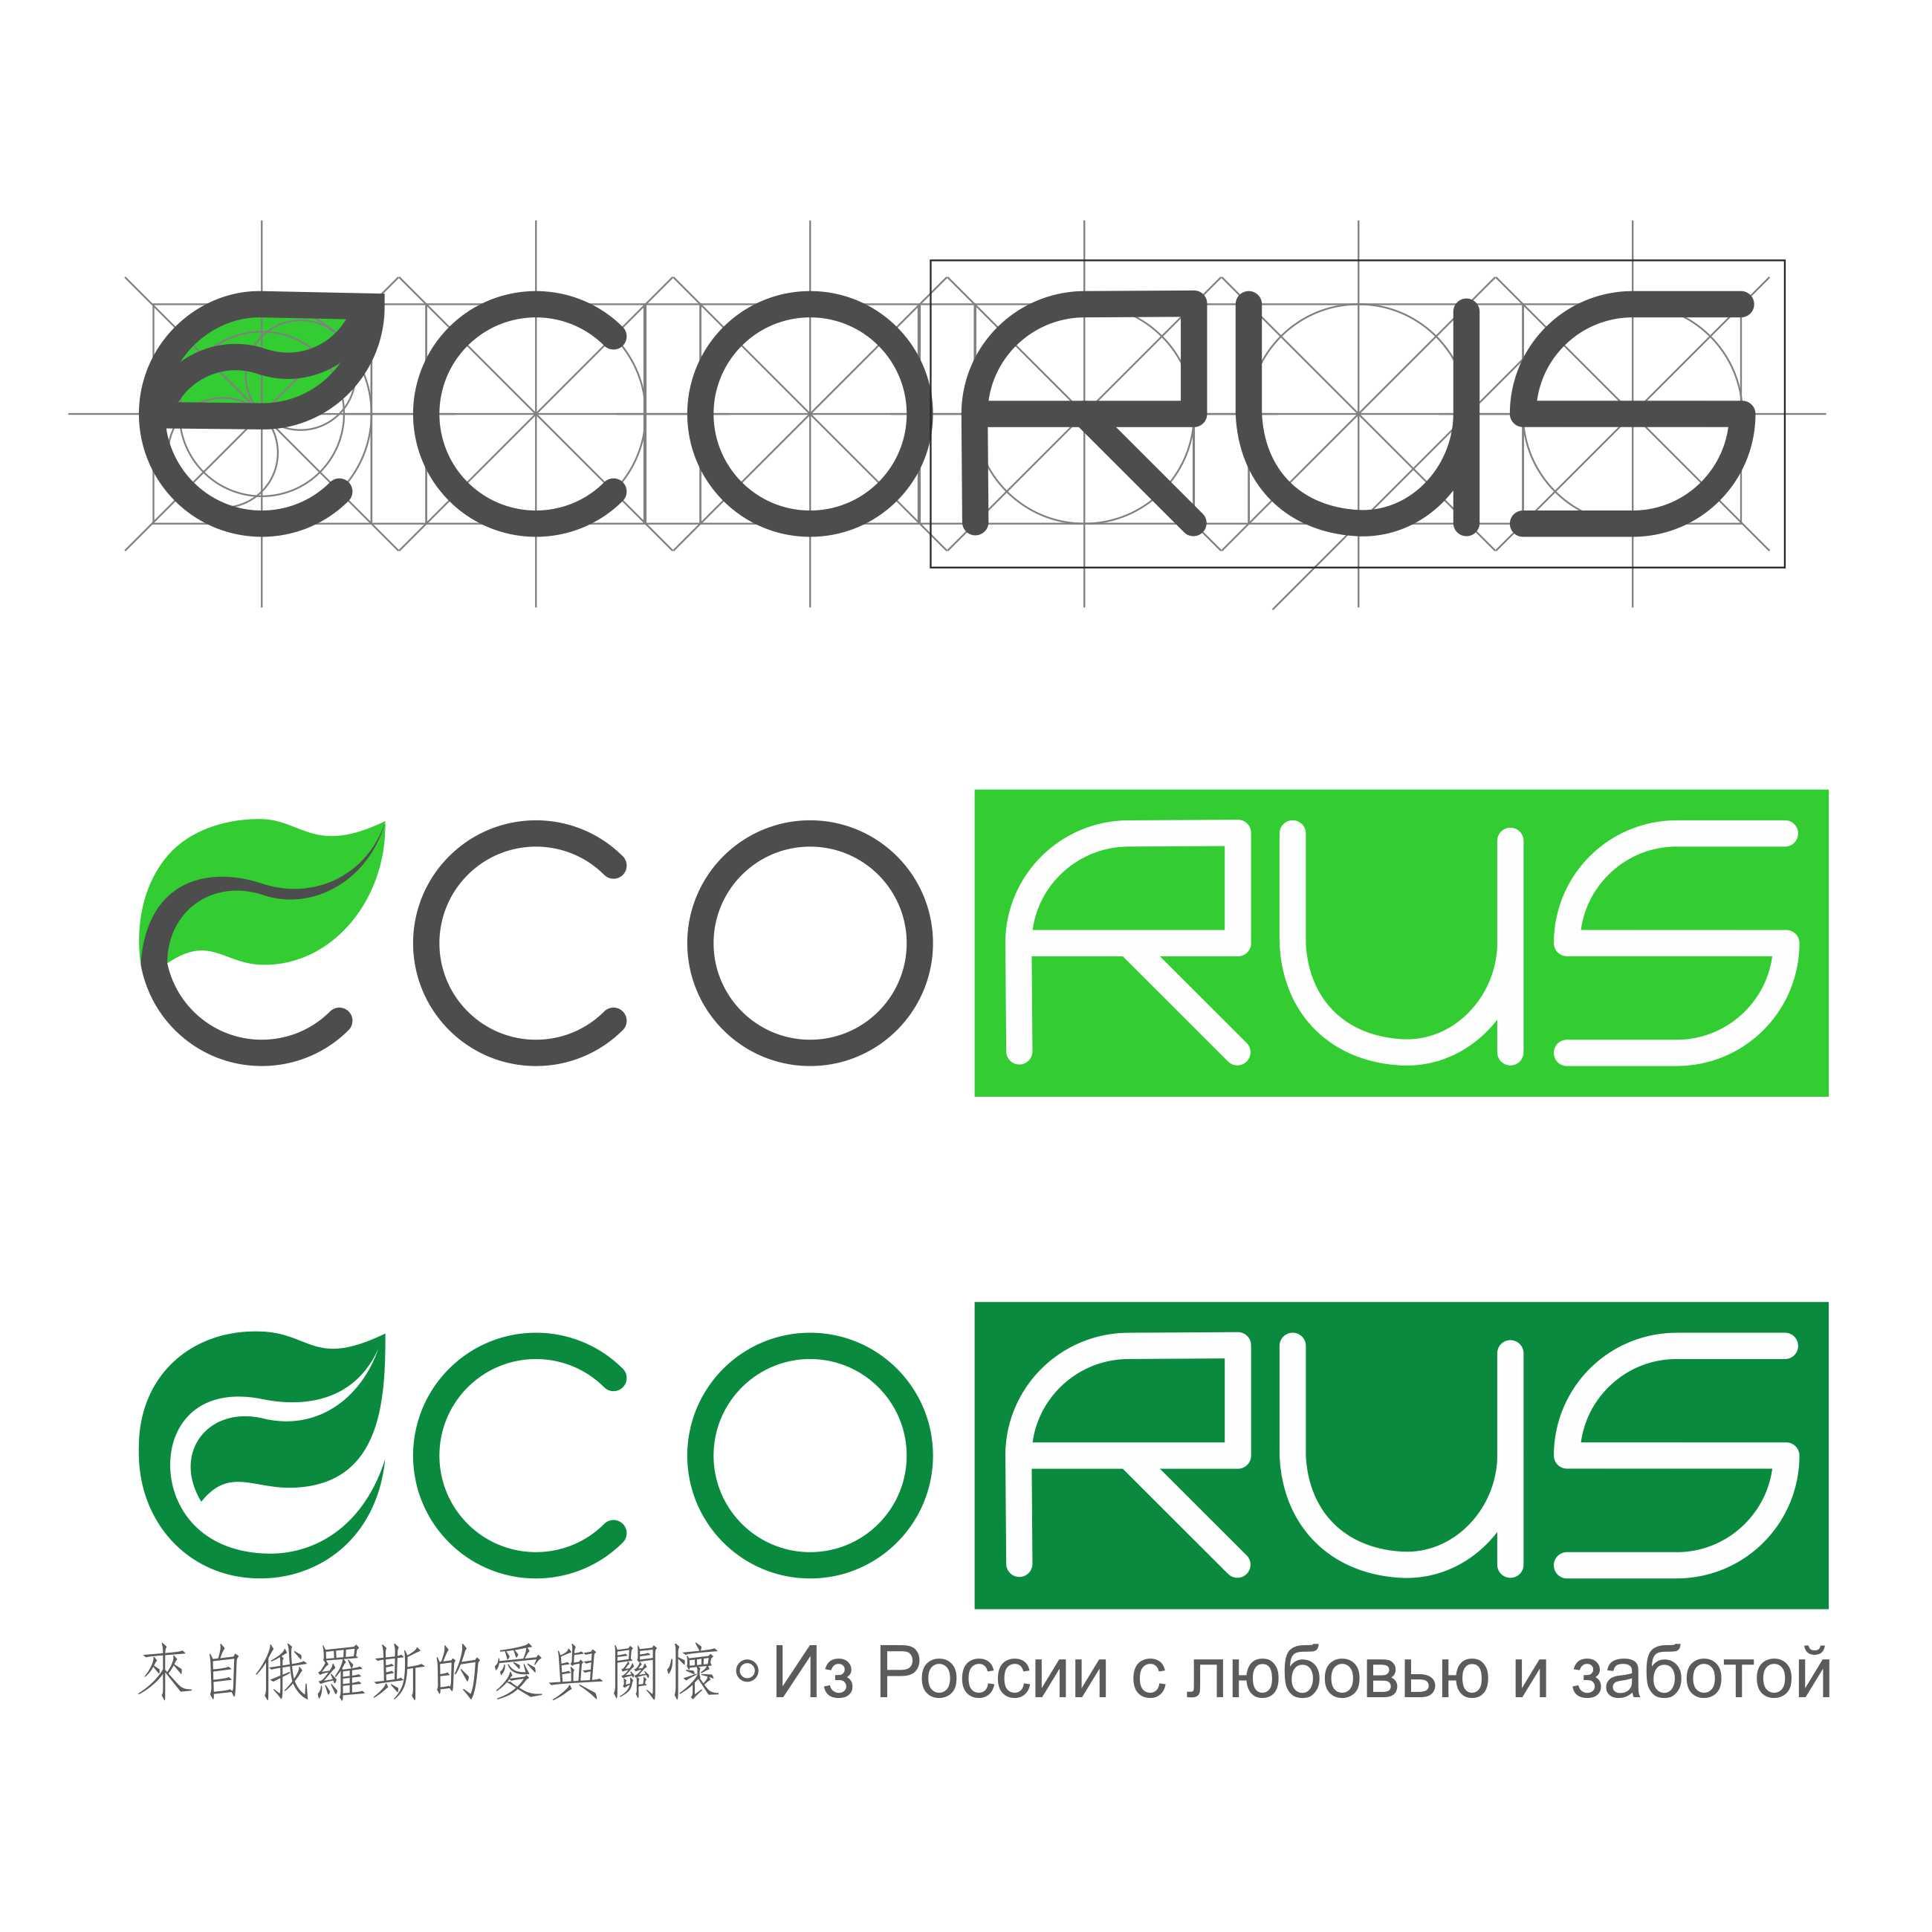 Логотип для поставщика продуктов питания из России в Китай фото f_9035ea966188cc38.jpg